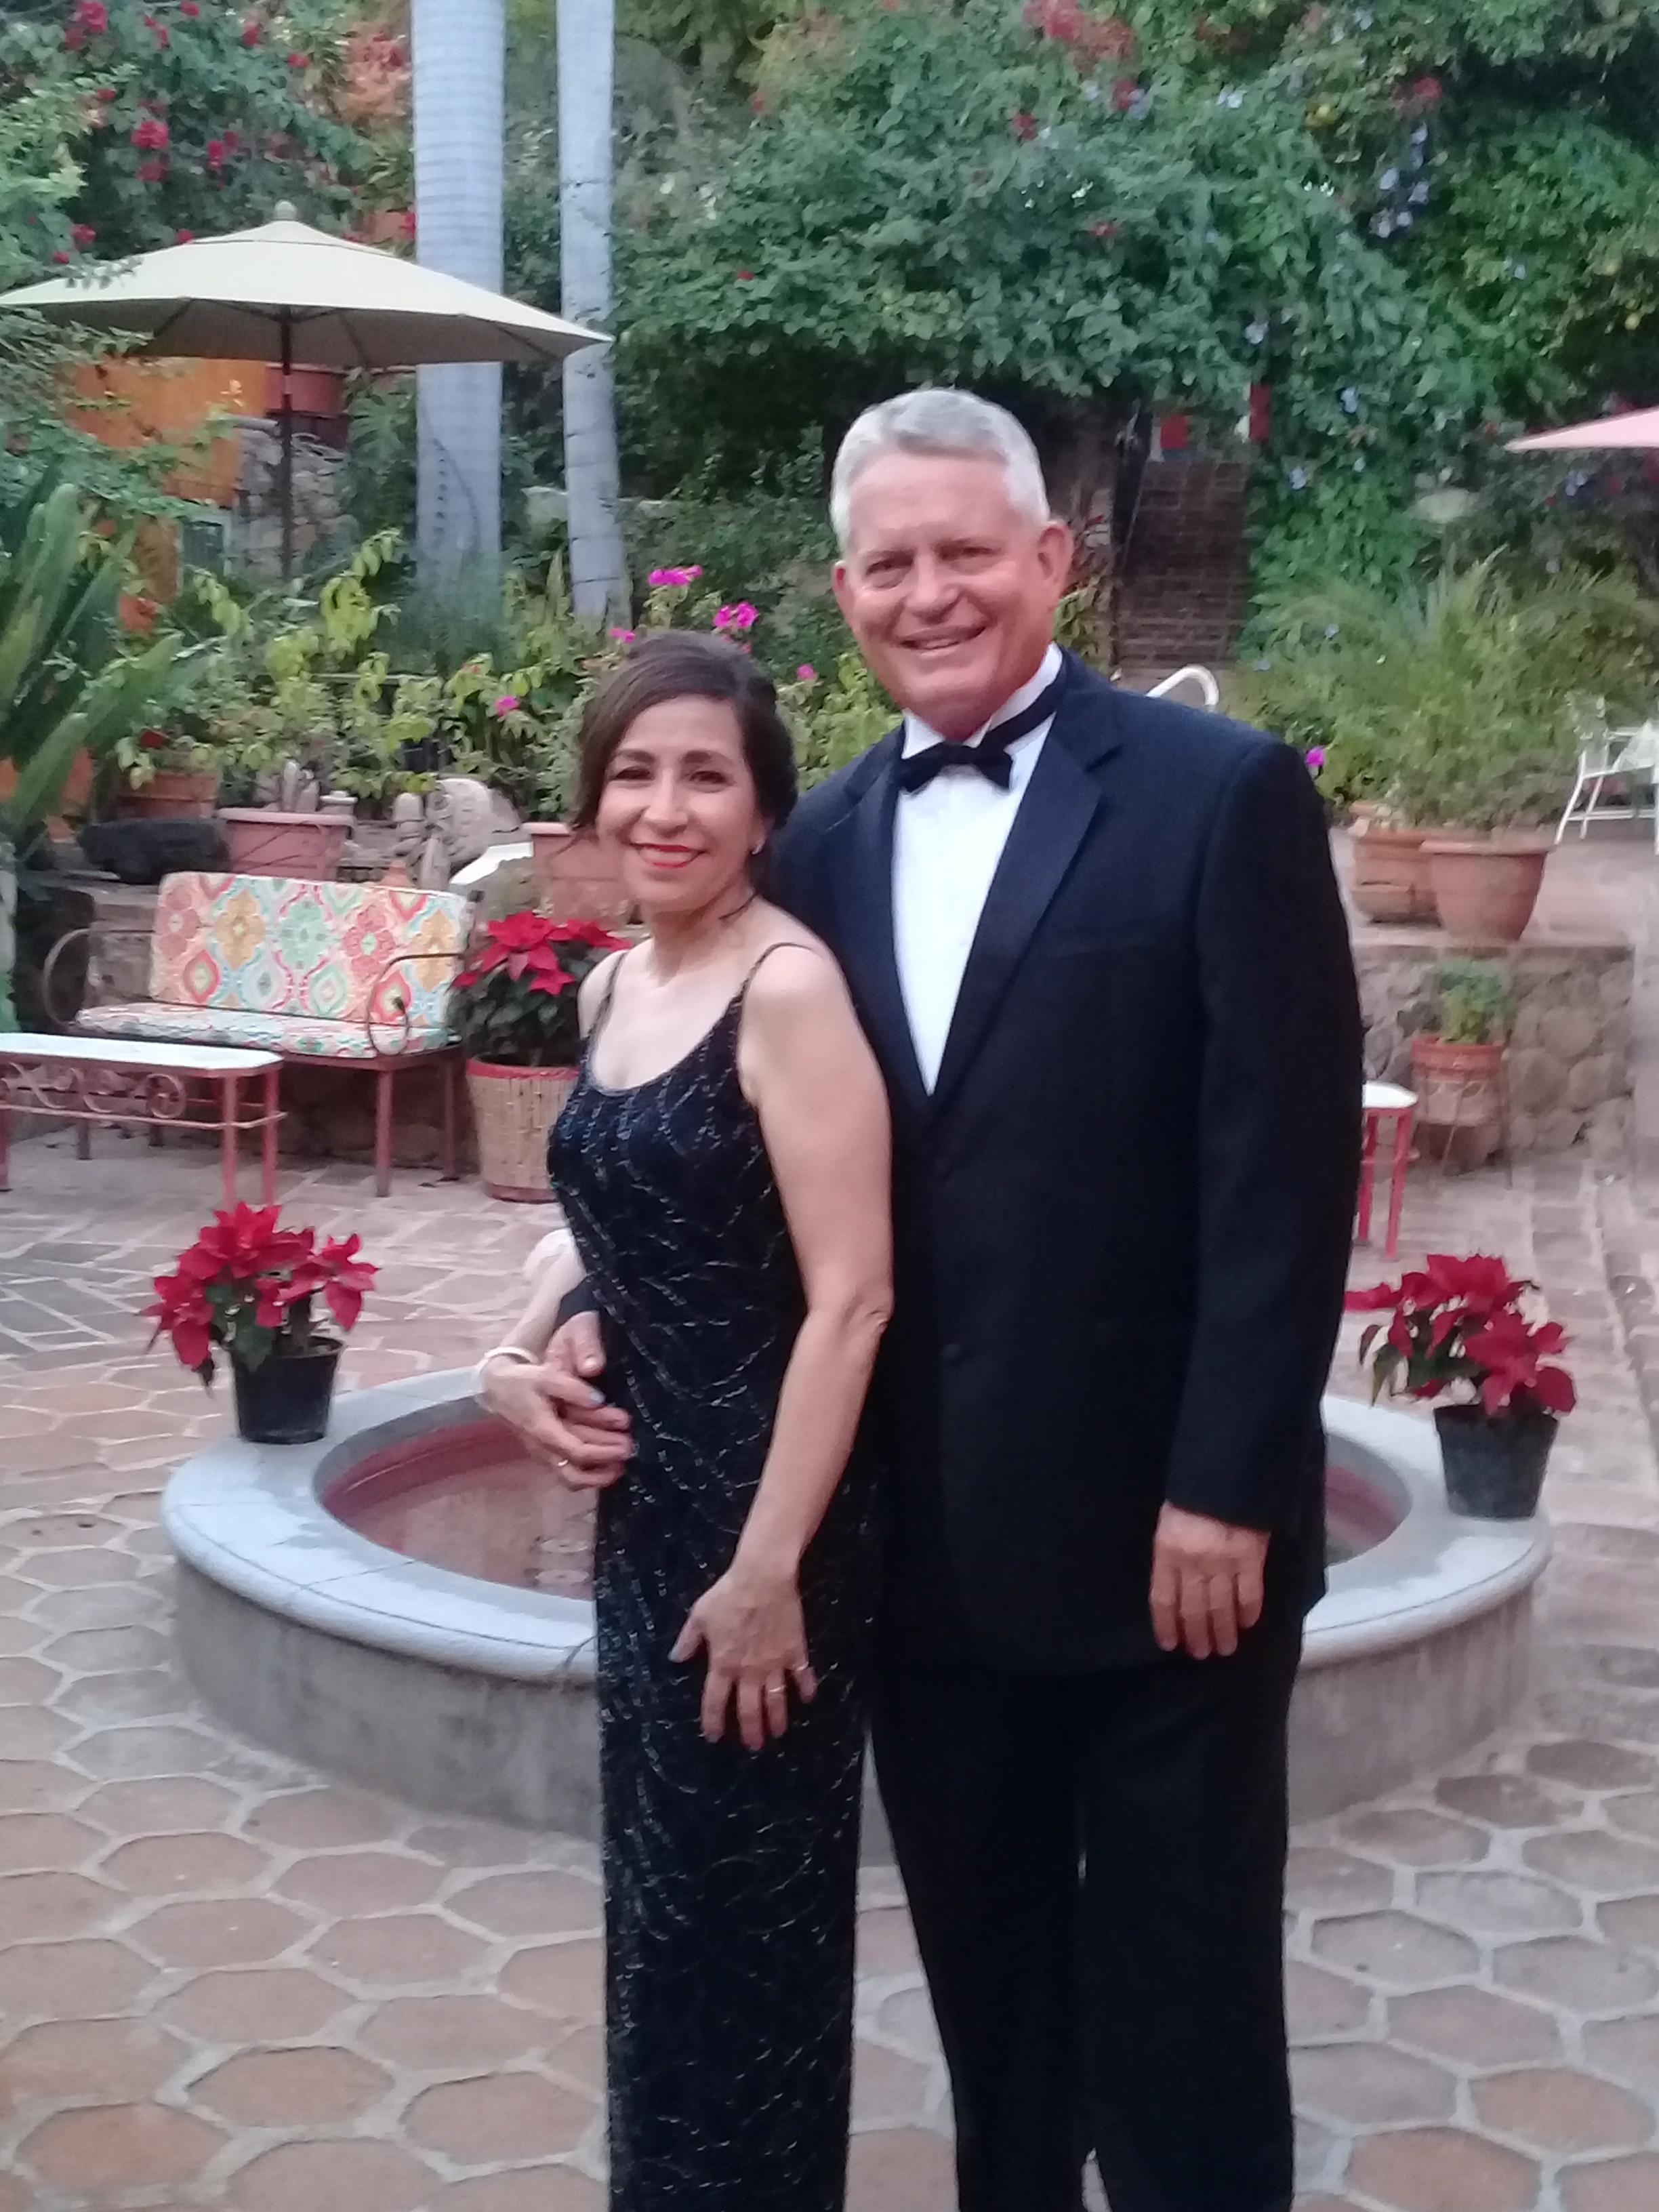 A beautiful couple are off to a wedding at Hacienda de los Santos just one half block away.